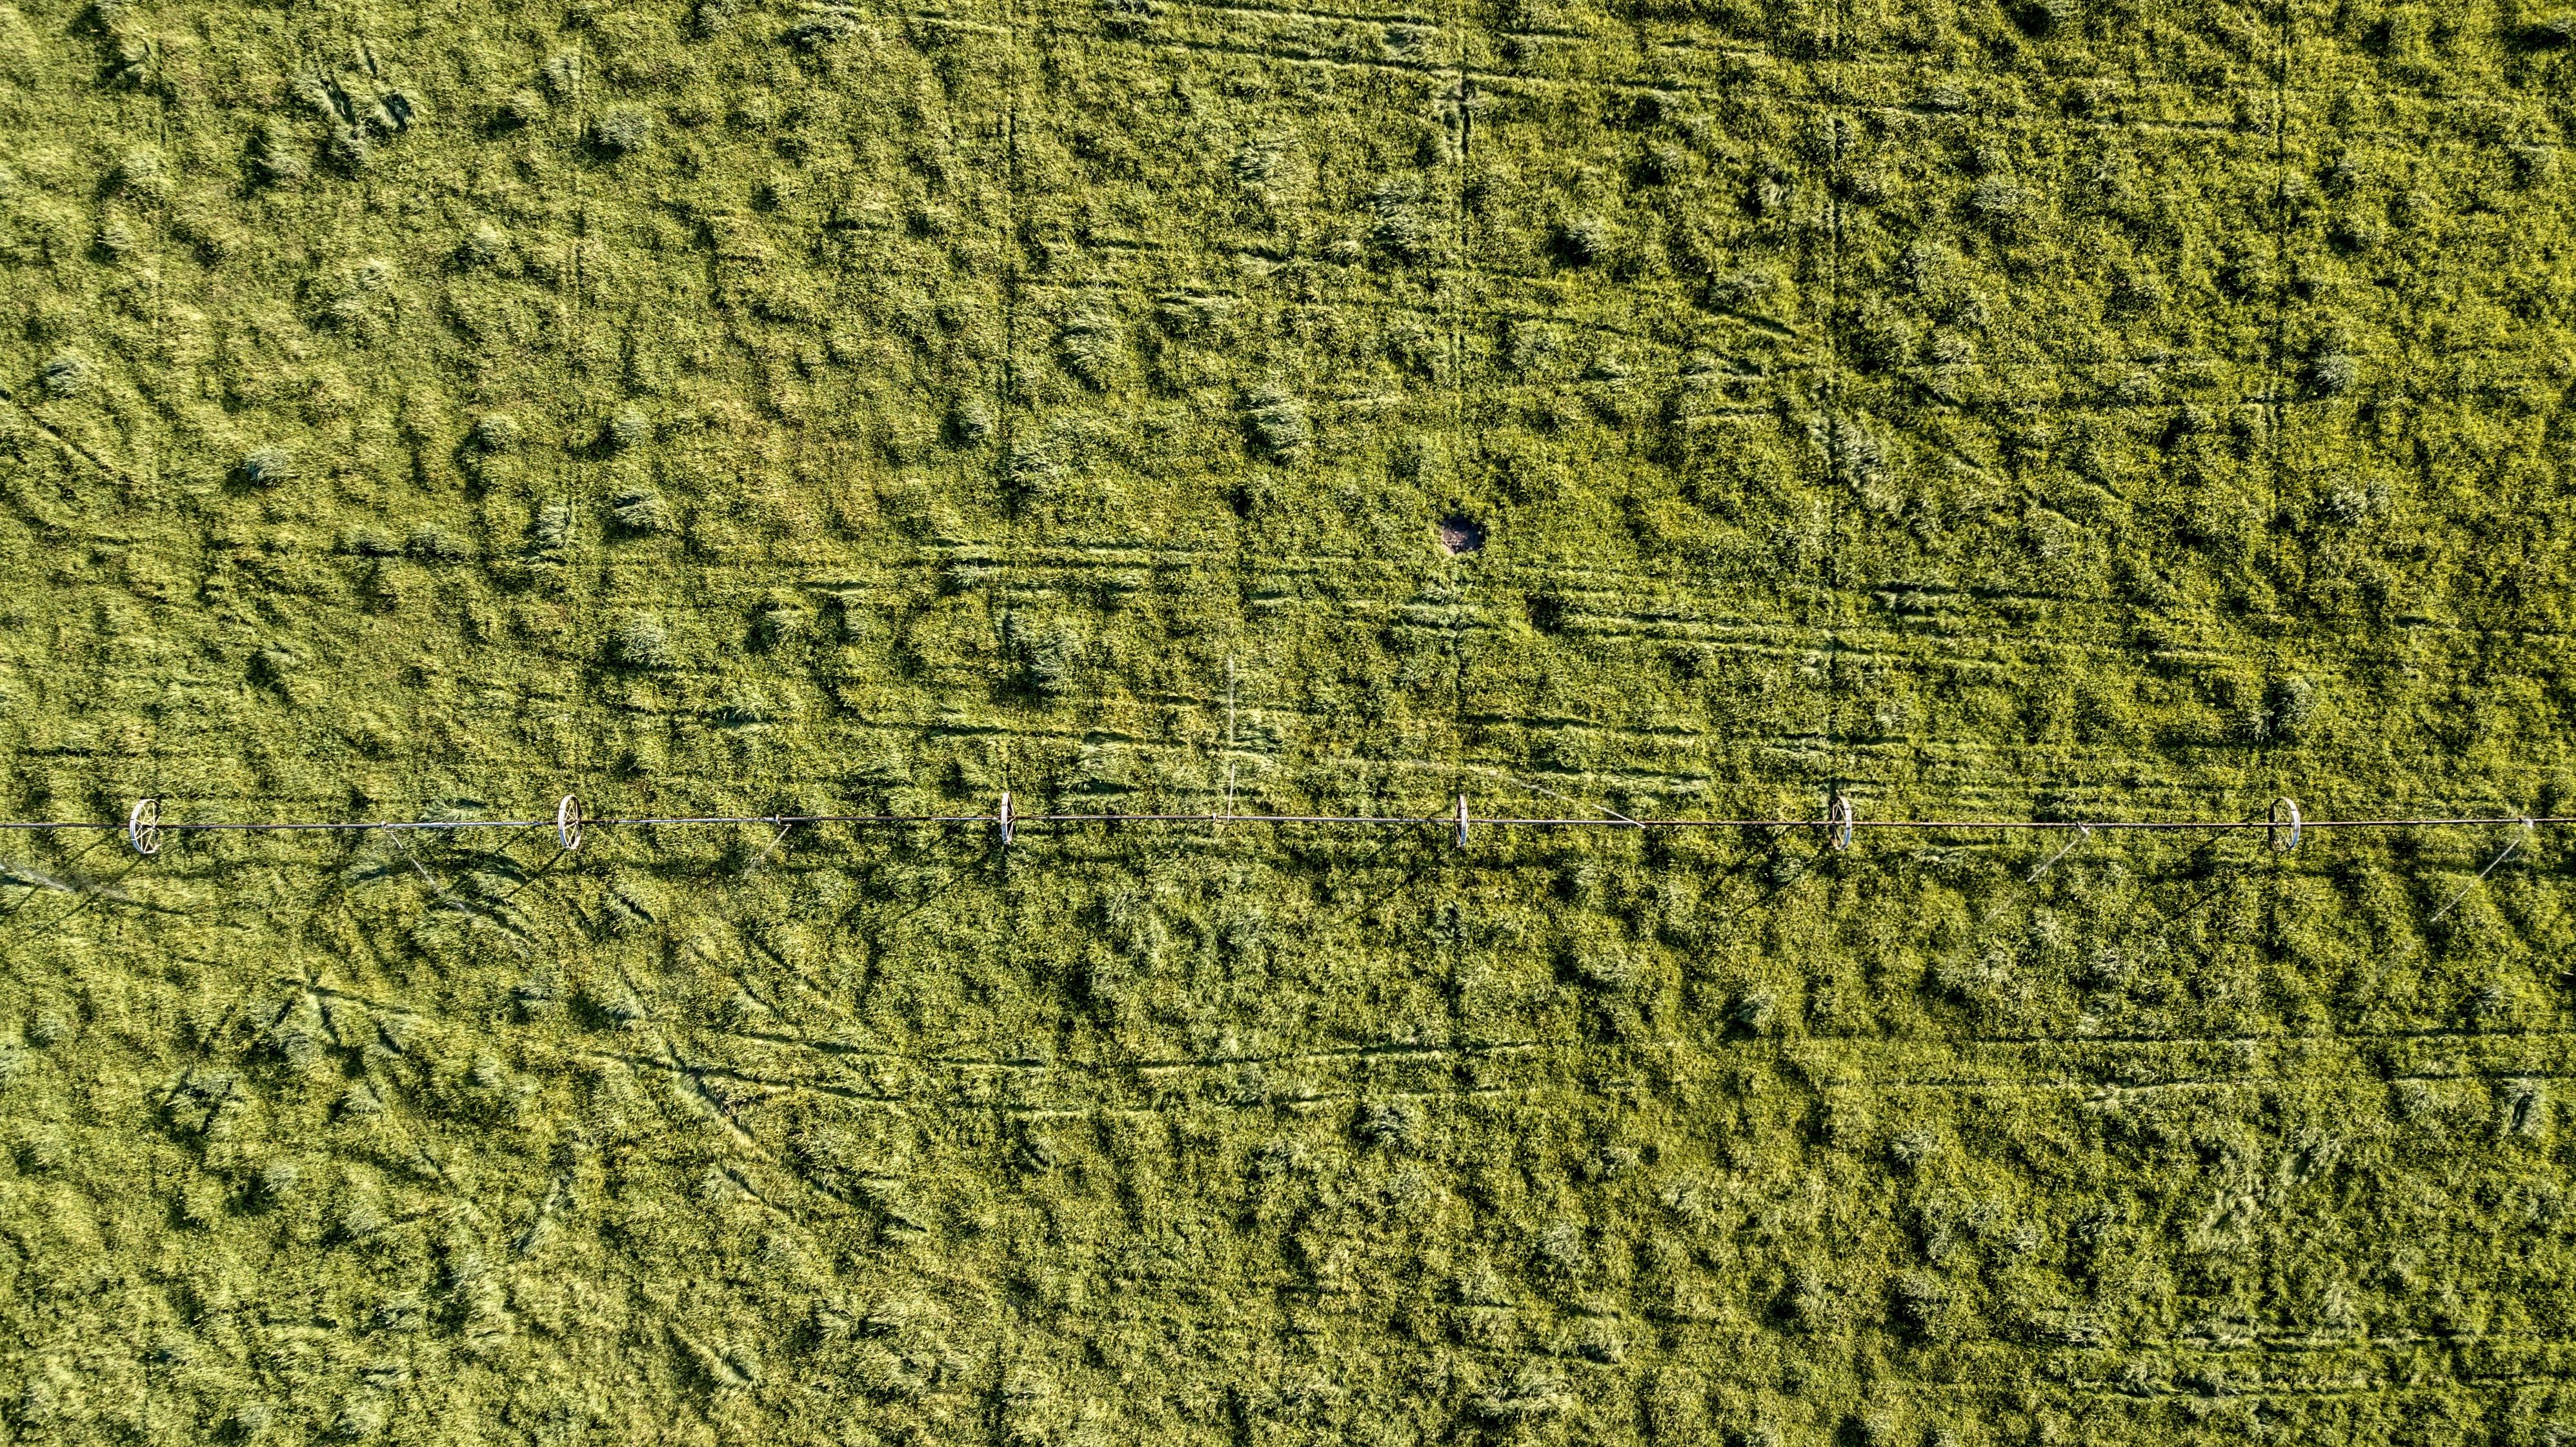 bird's eye view of grass field